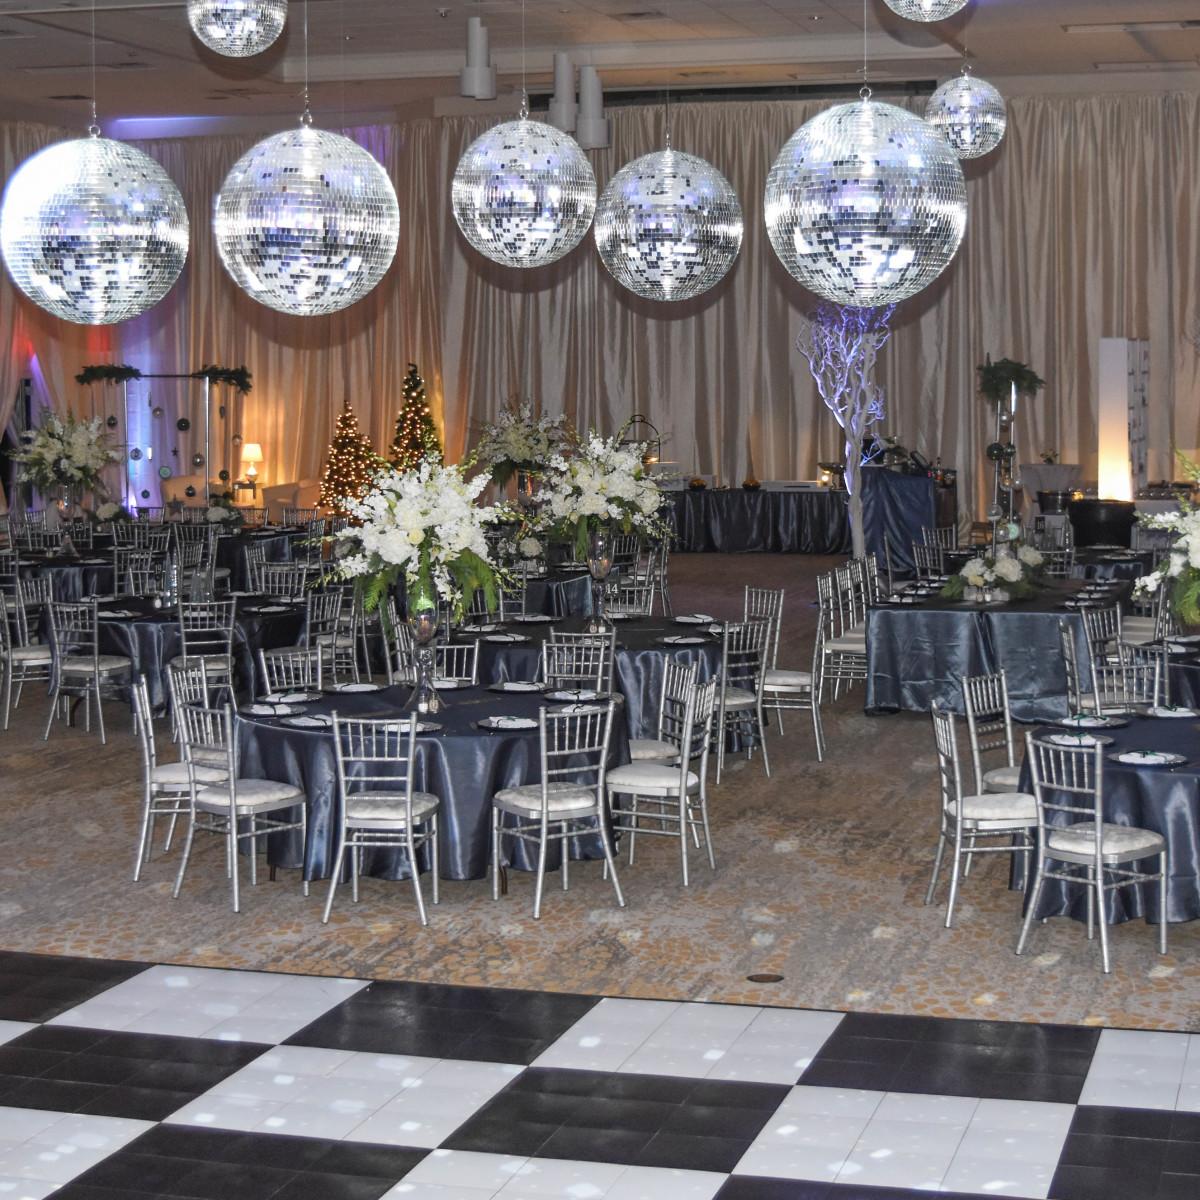 The Fredonia Hotel ballroom